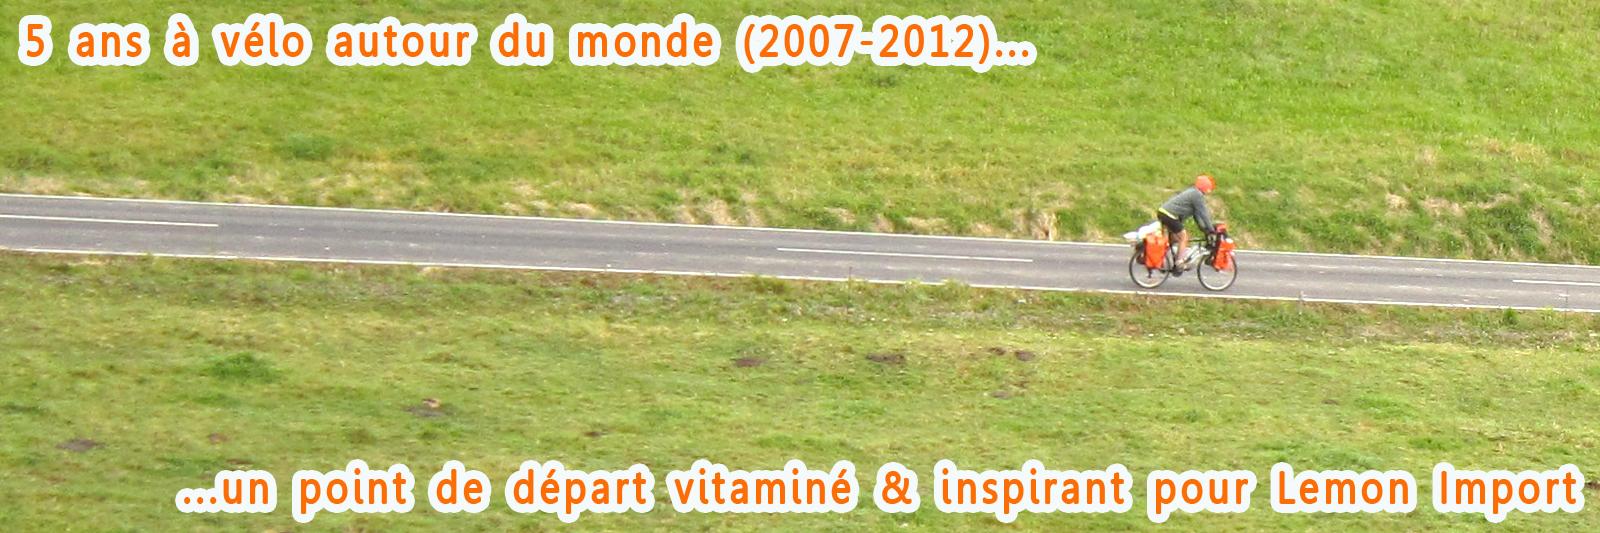 Un tour du monde à vélo, une source d'inspiration pour créer Lemon Import